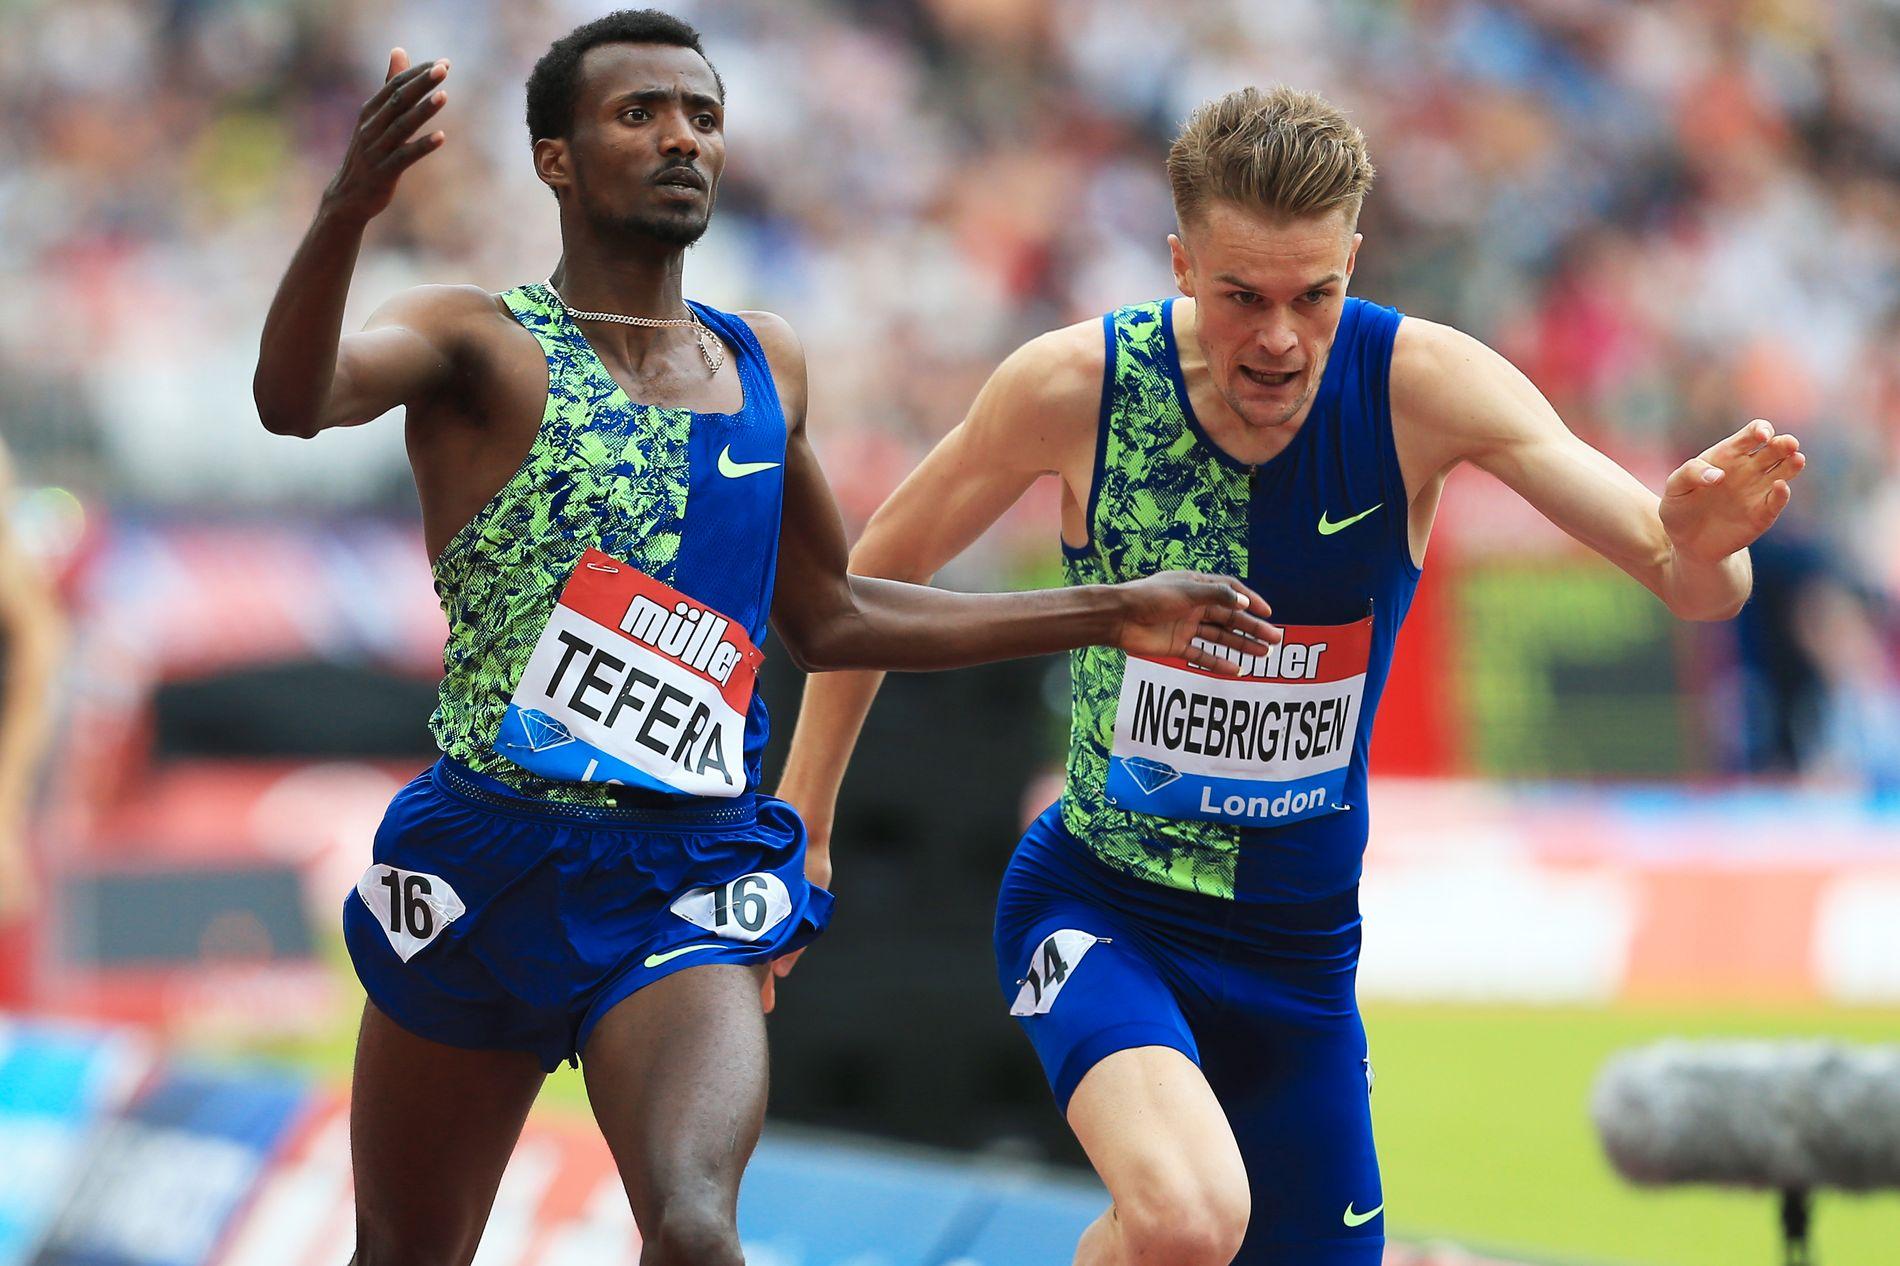 AMBISIØS: Samuel Tefera spurtslo Filip Ingebrigtsen i London. Men nå ser Team Ingebrigtsen fremover. Jakob og Filip Ingebrigtsen har en drøm om å kjempe om medaljer på to øvelser i VM.